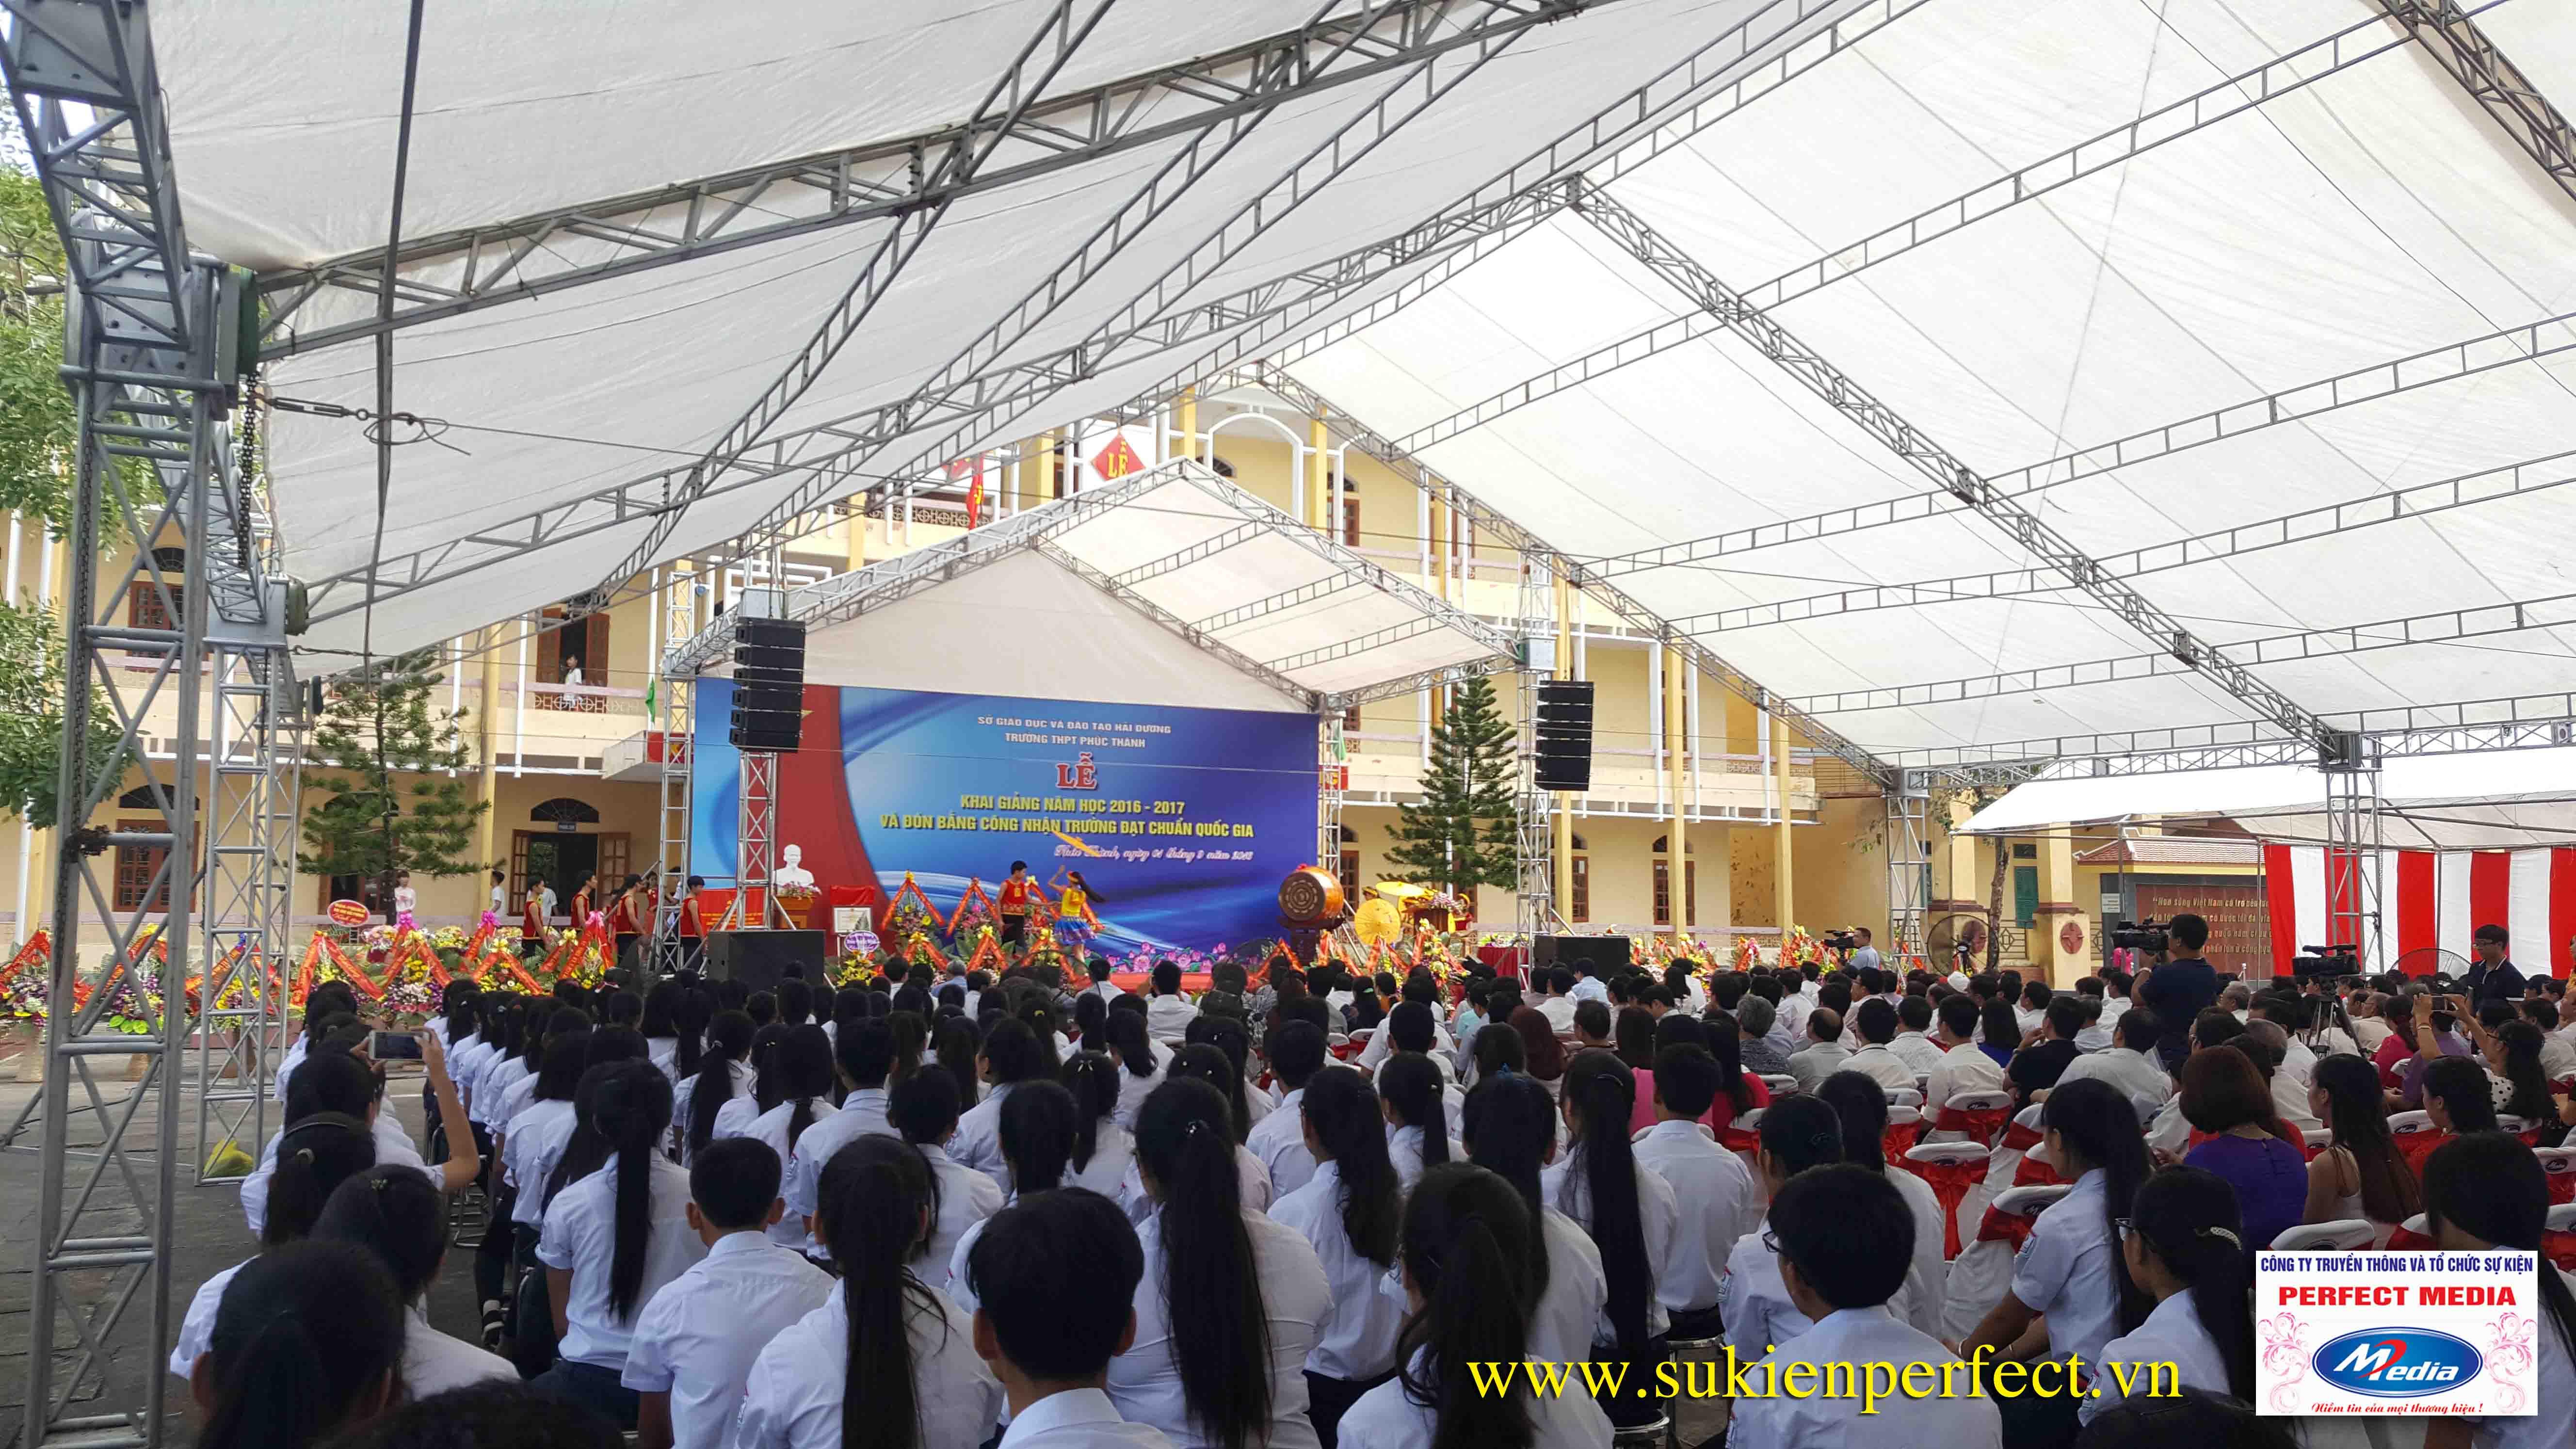 Hình ảnh trong buổi lễ THPT Phúc Thành đón chuẩn Quốc gia 08